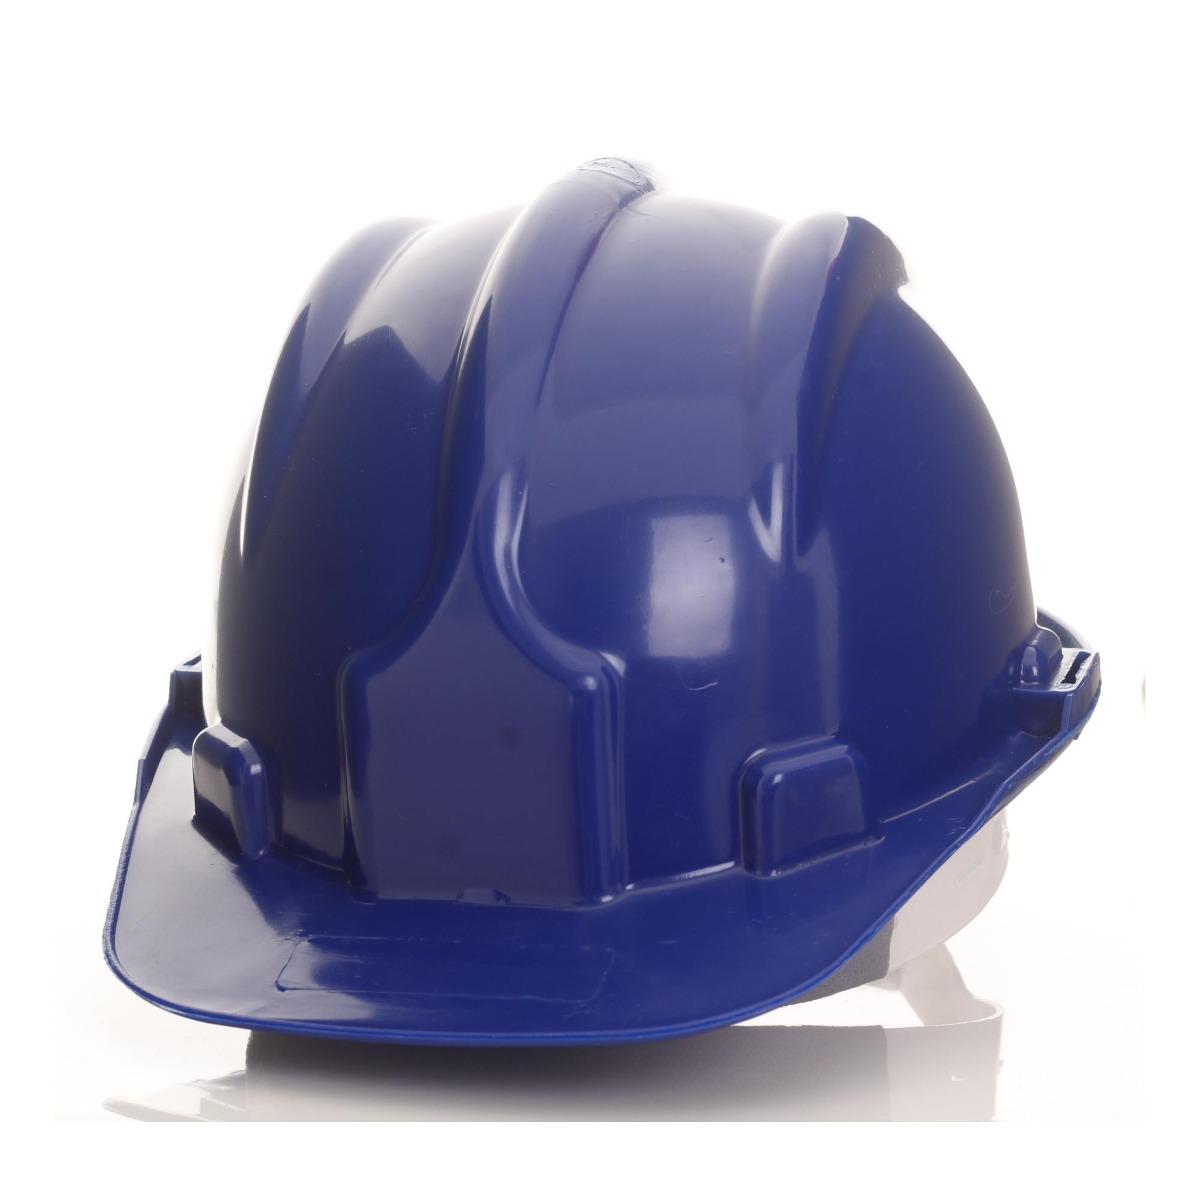 85d8d855c904b Capacete De Segurança Aba Frontal Delta Plus Azul - R  12,00 em ...